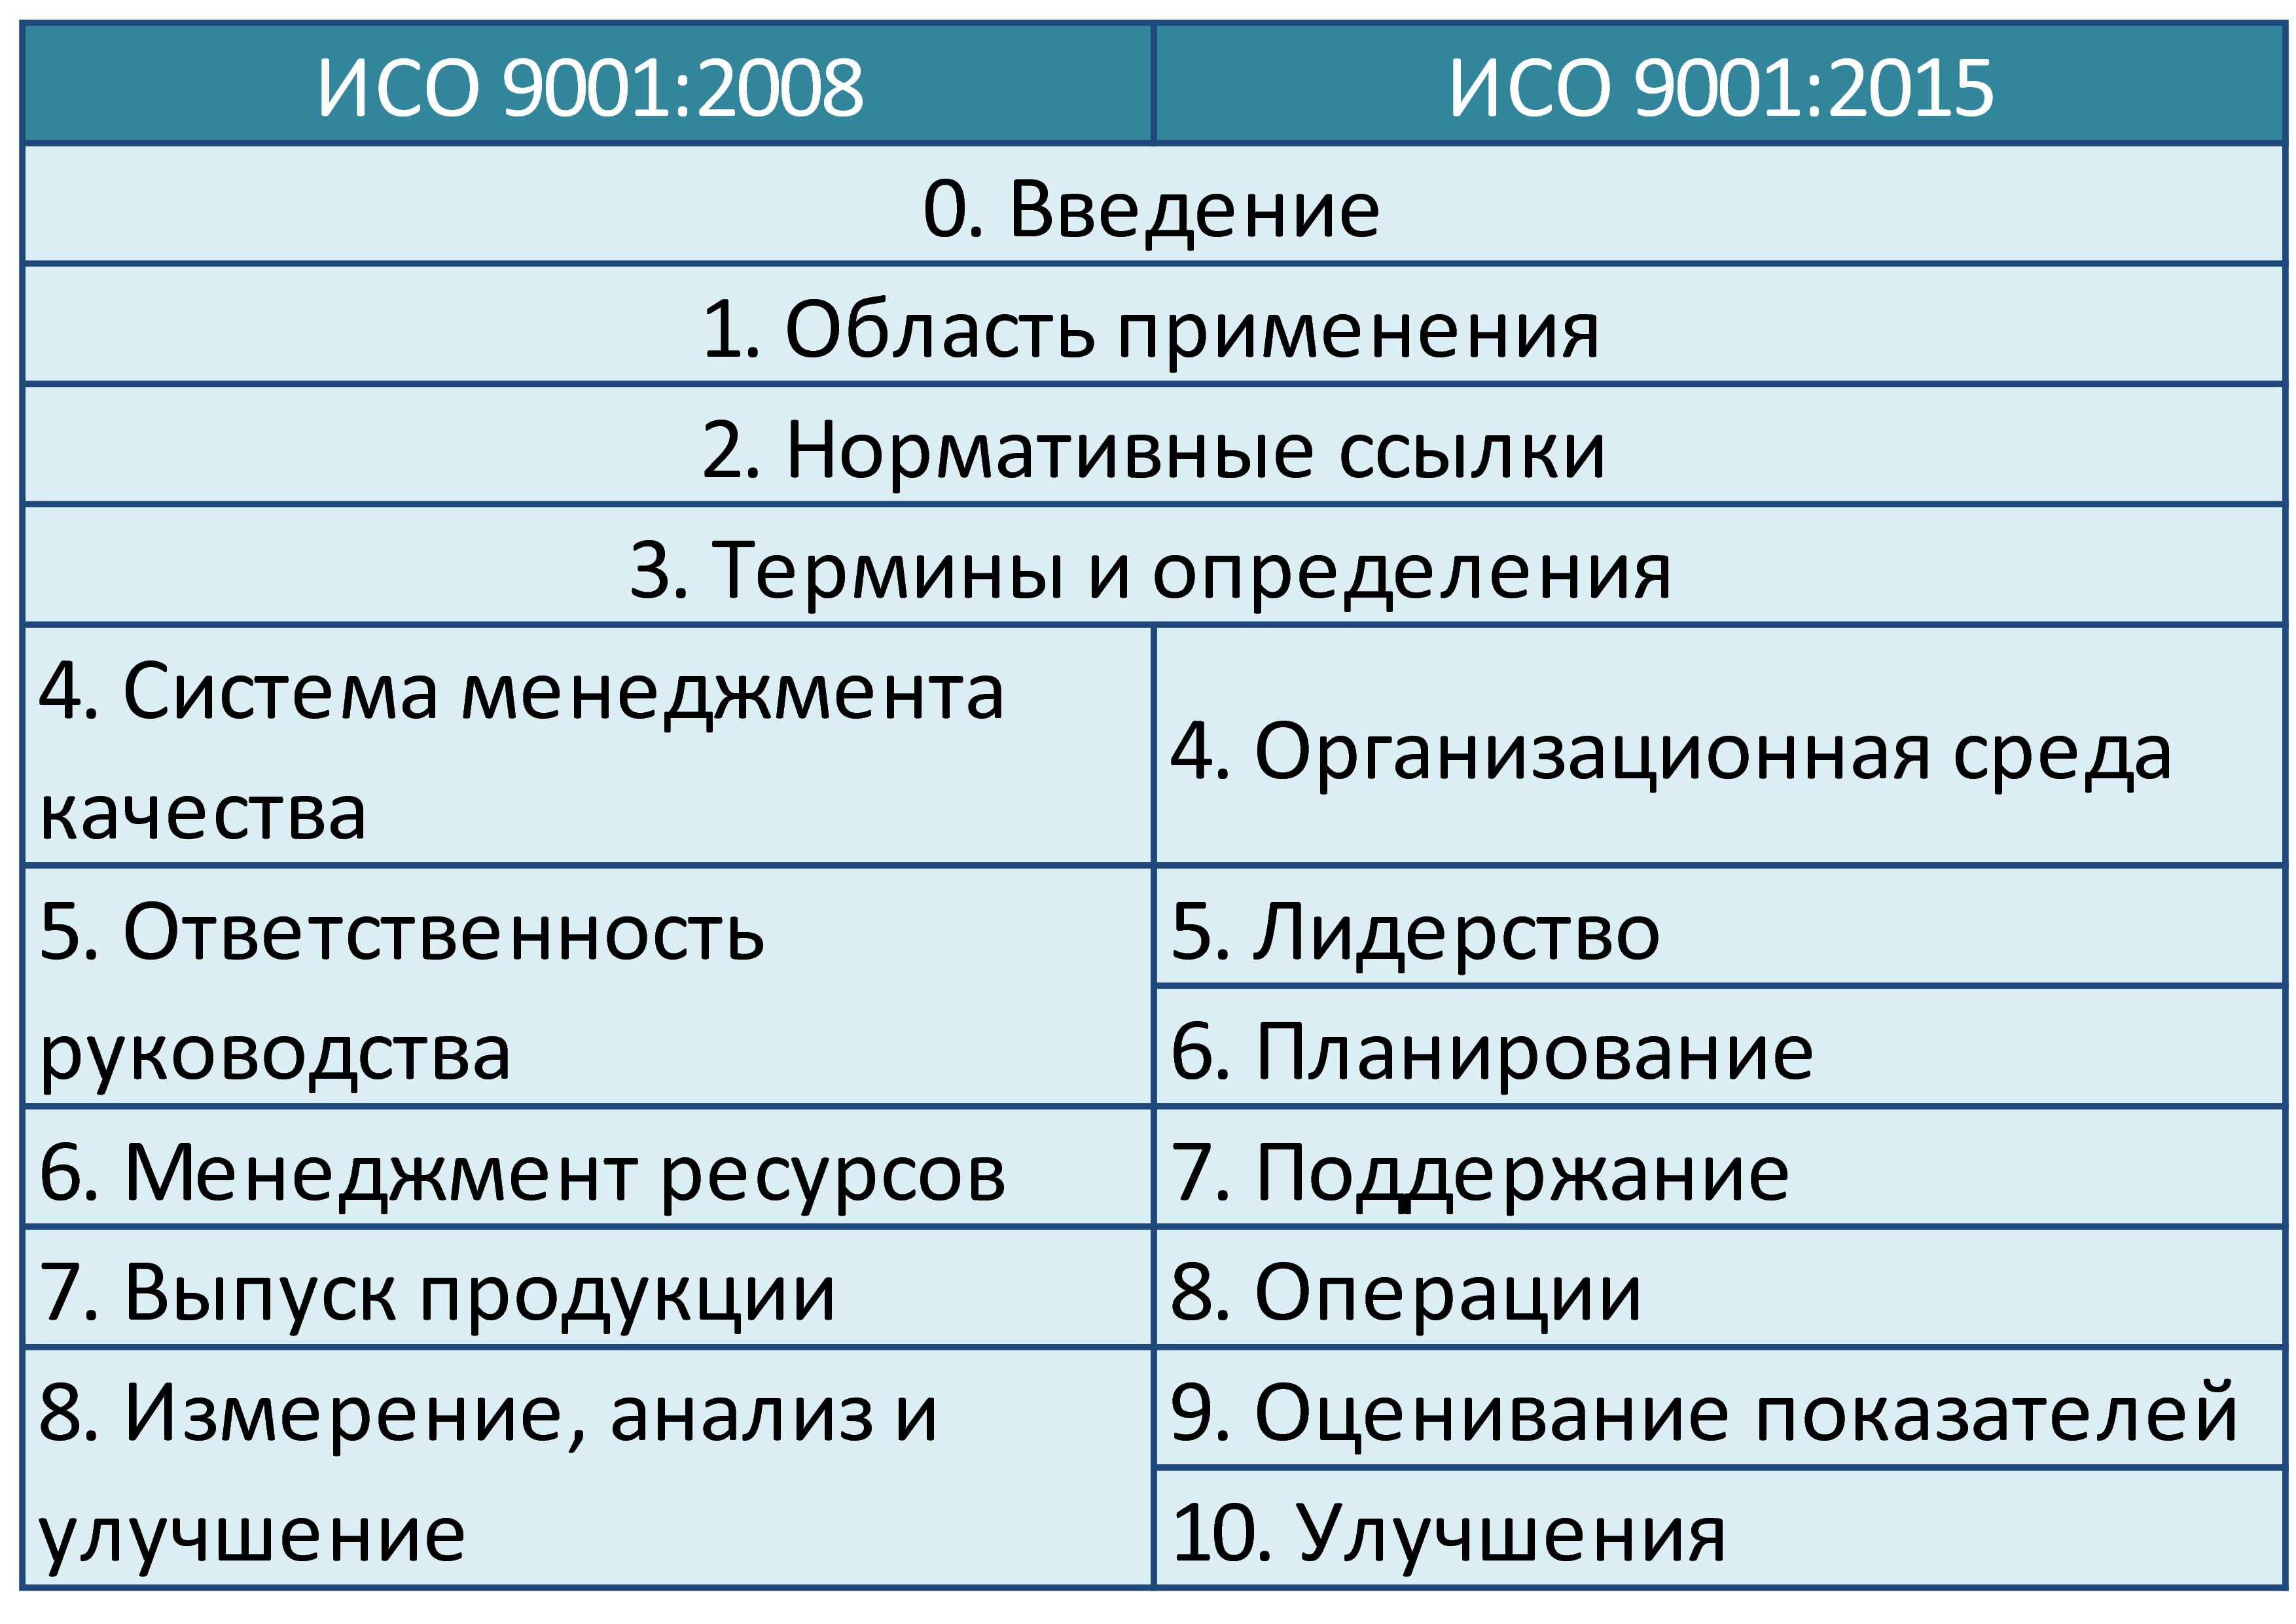 Сравнительная таблица разделов ИСО 9001 версии 2008 и 2015